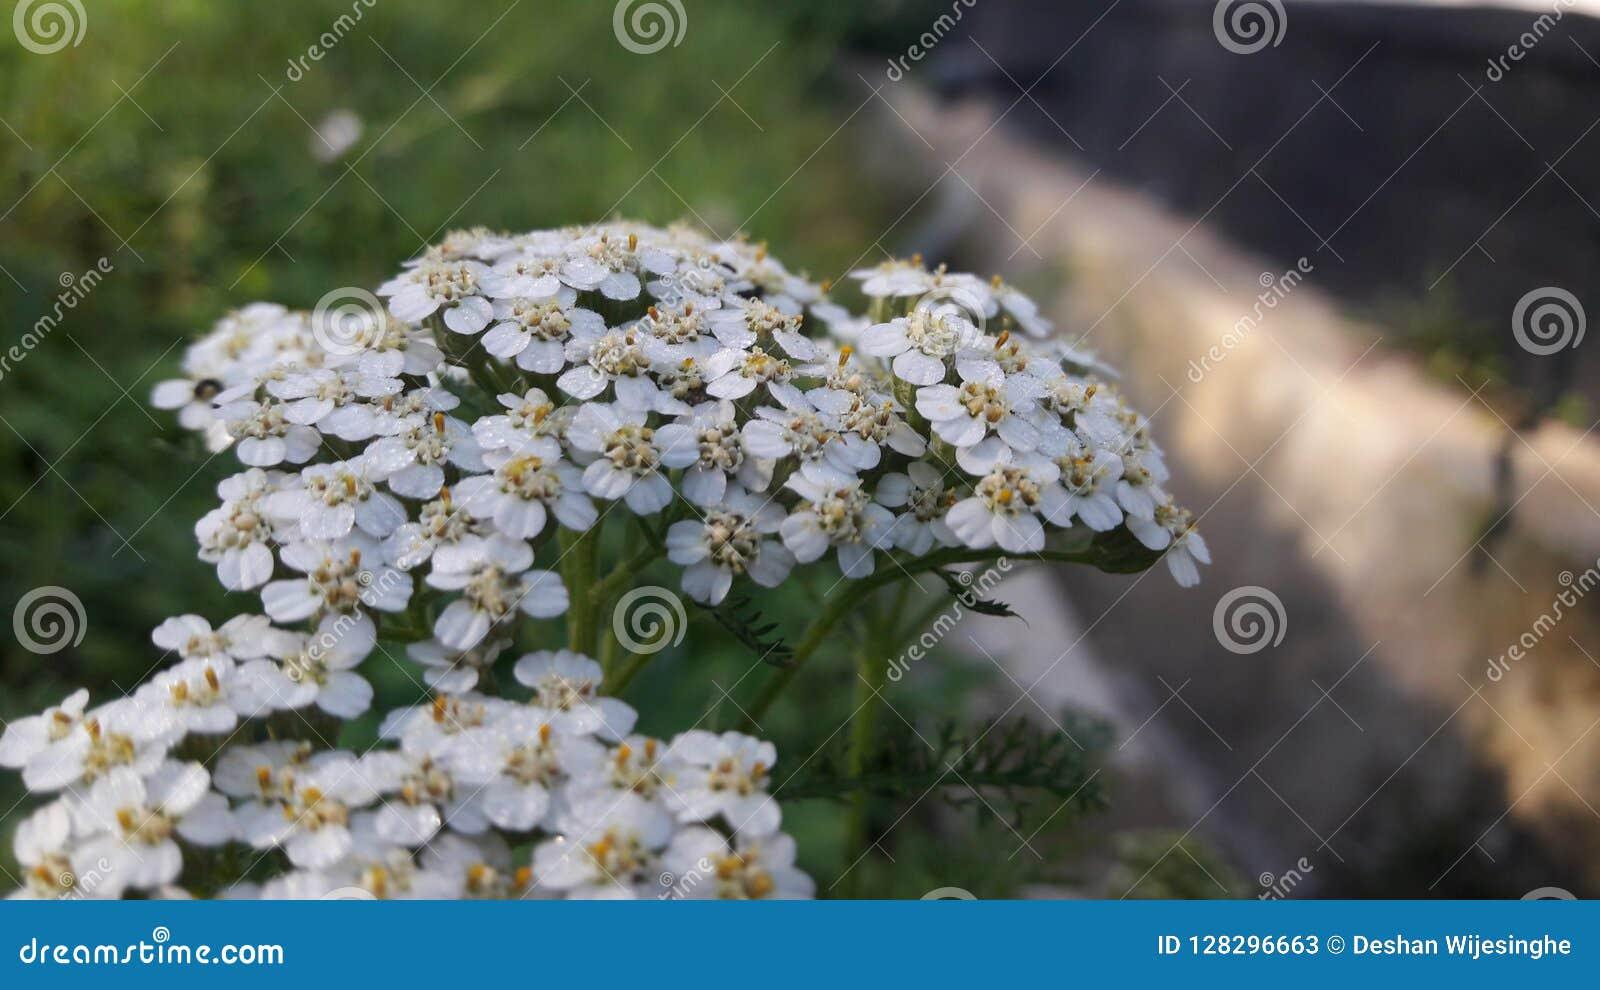 Malutcy kwiaty w białych płatkach